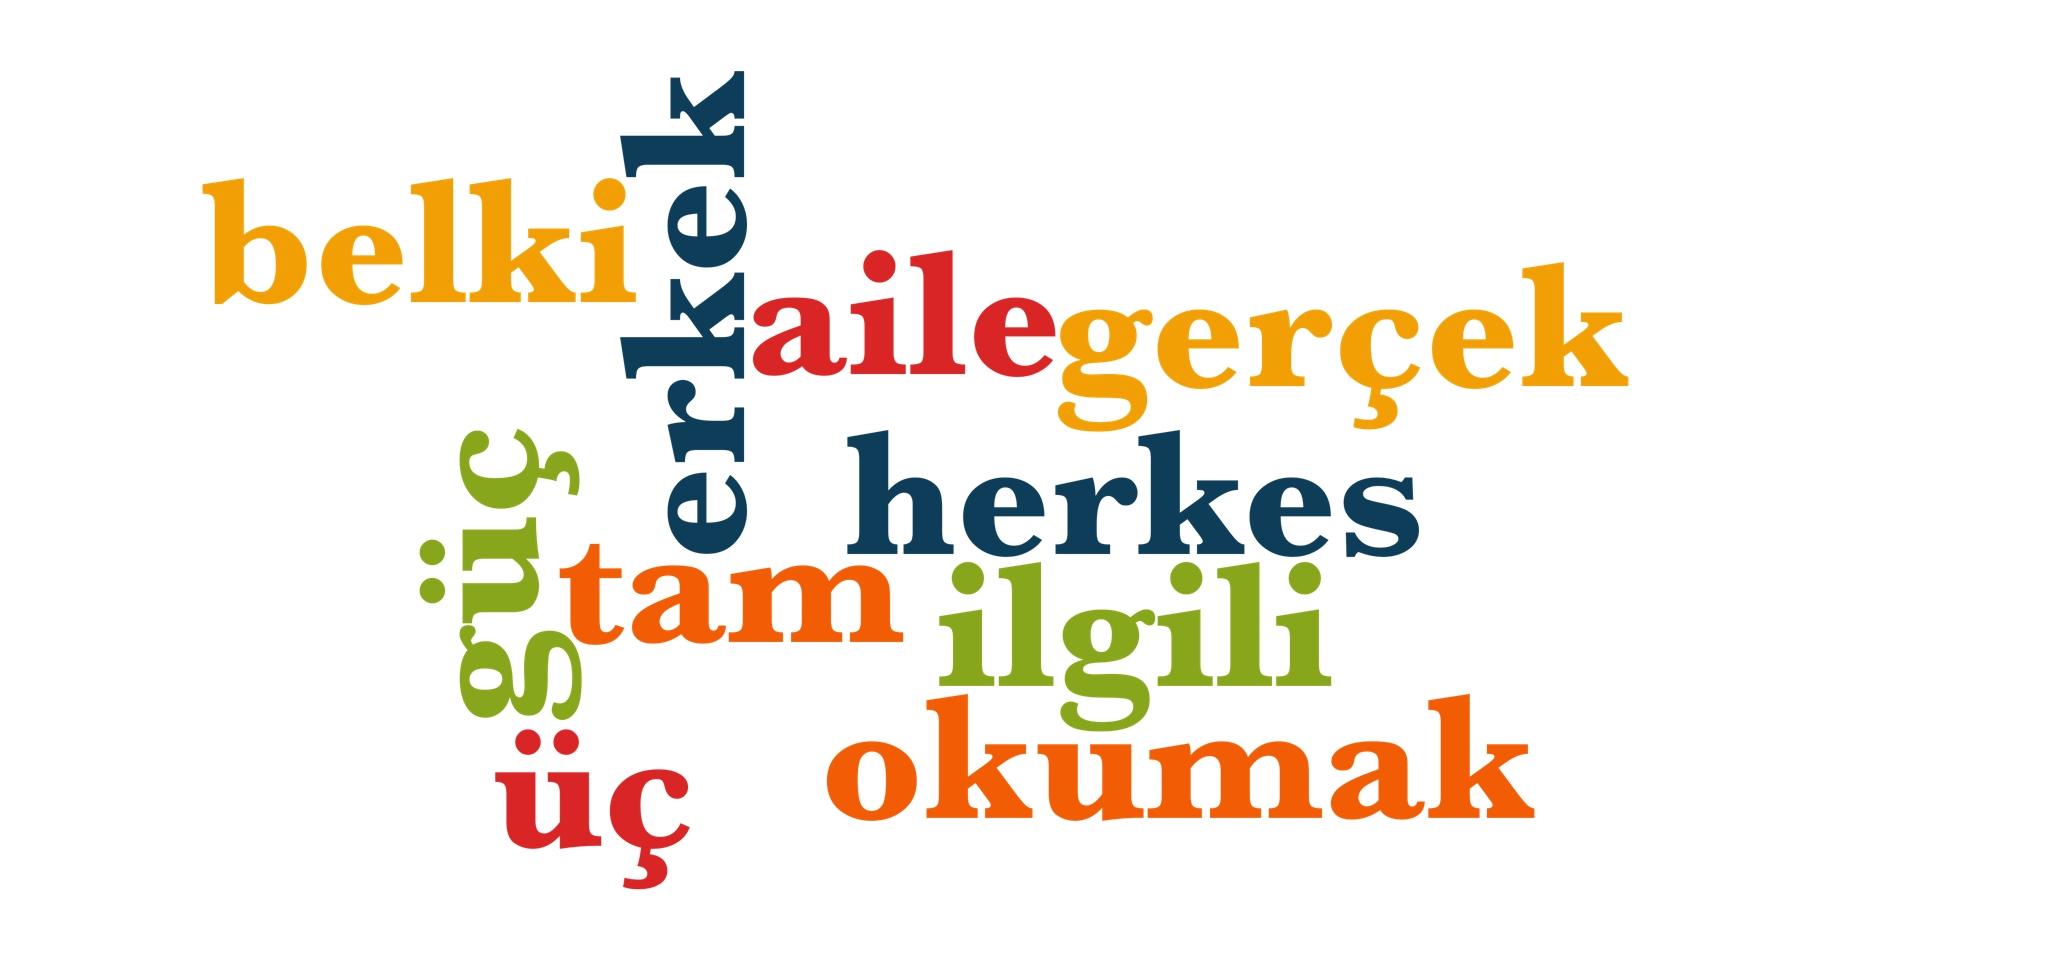 Wörter 201 bis 210 der 1000 häufigsten Wörter der türkischen Sprache